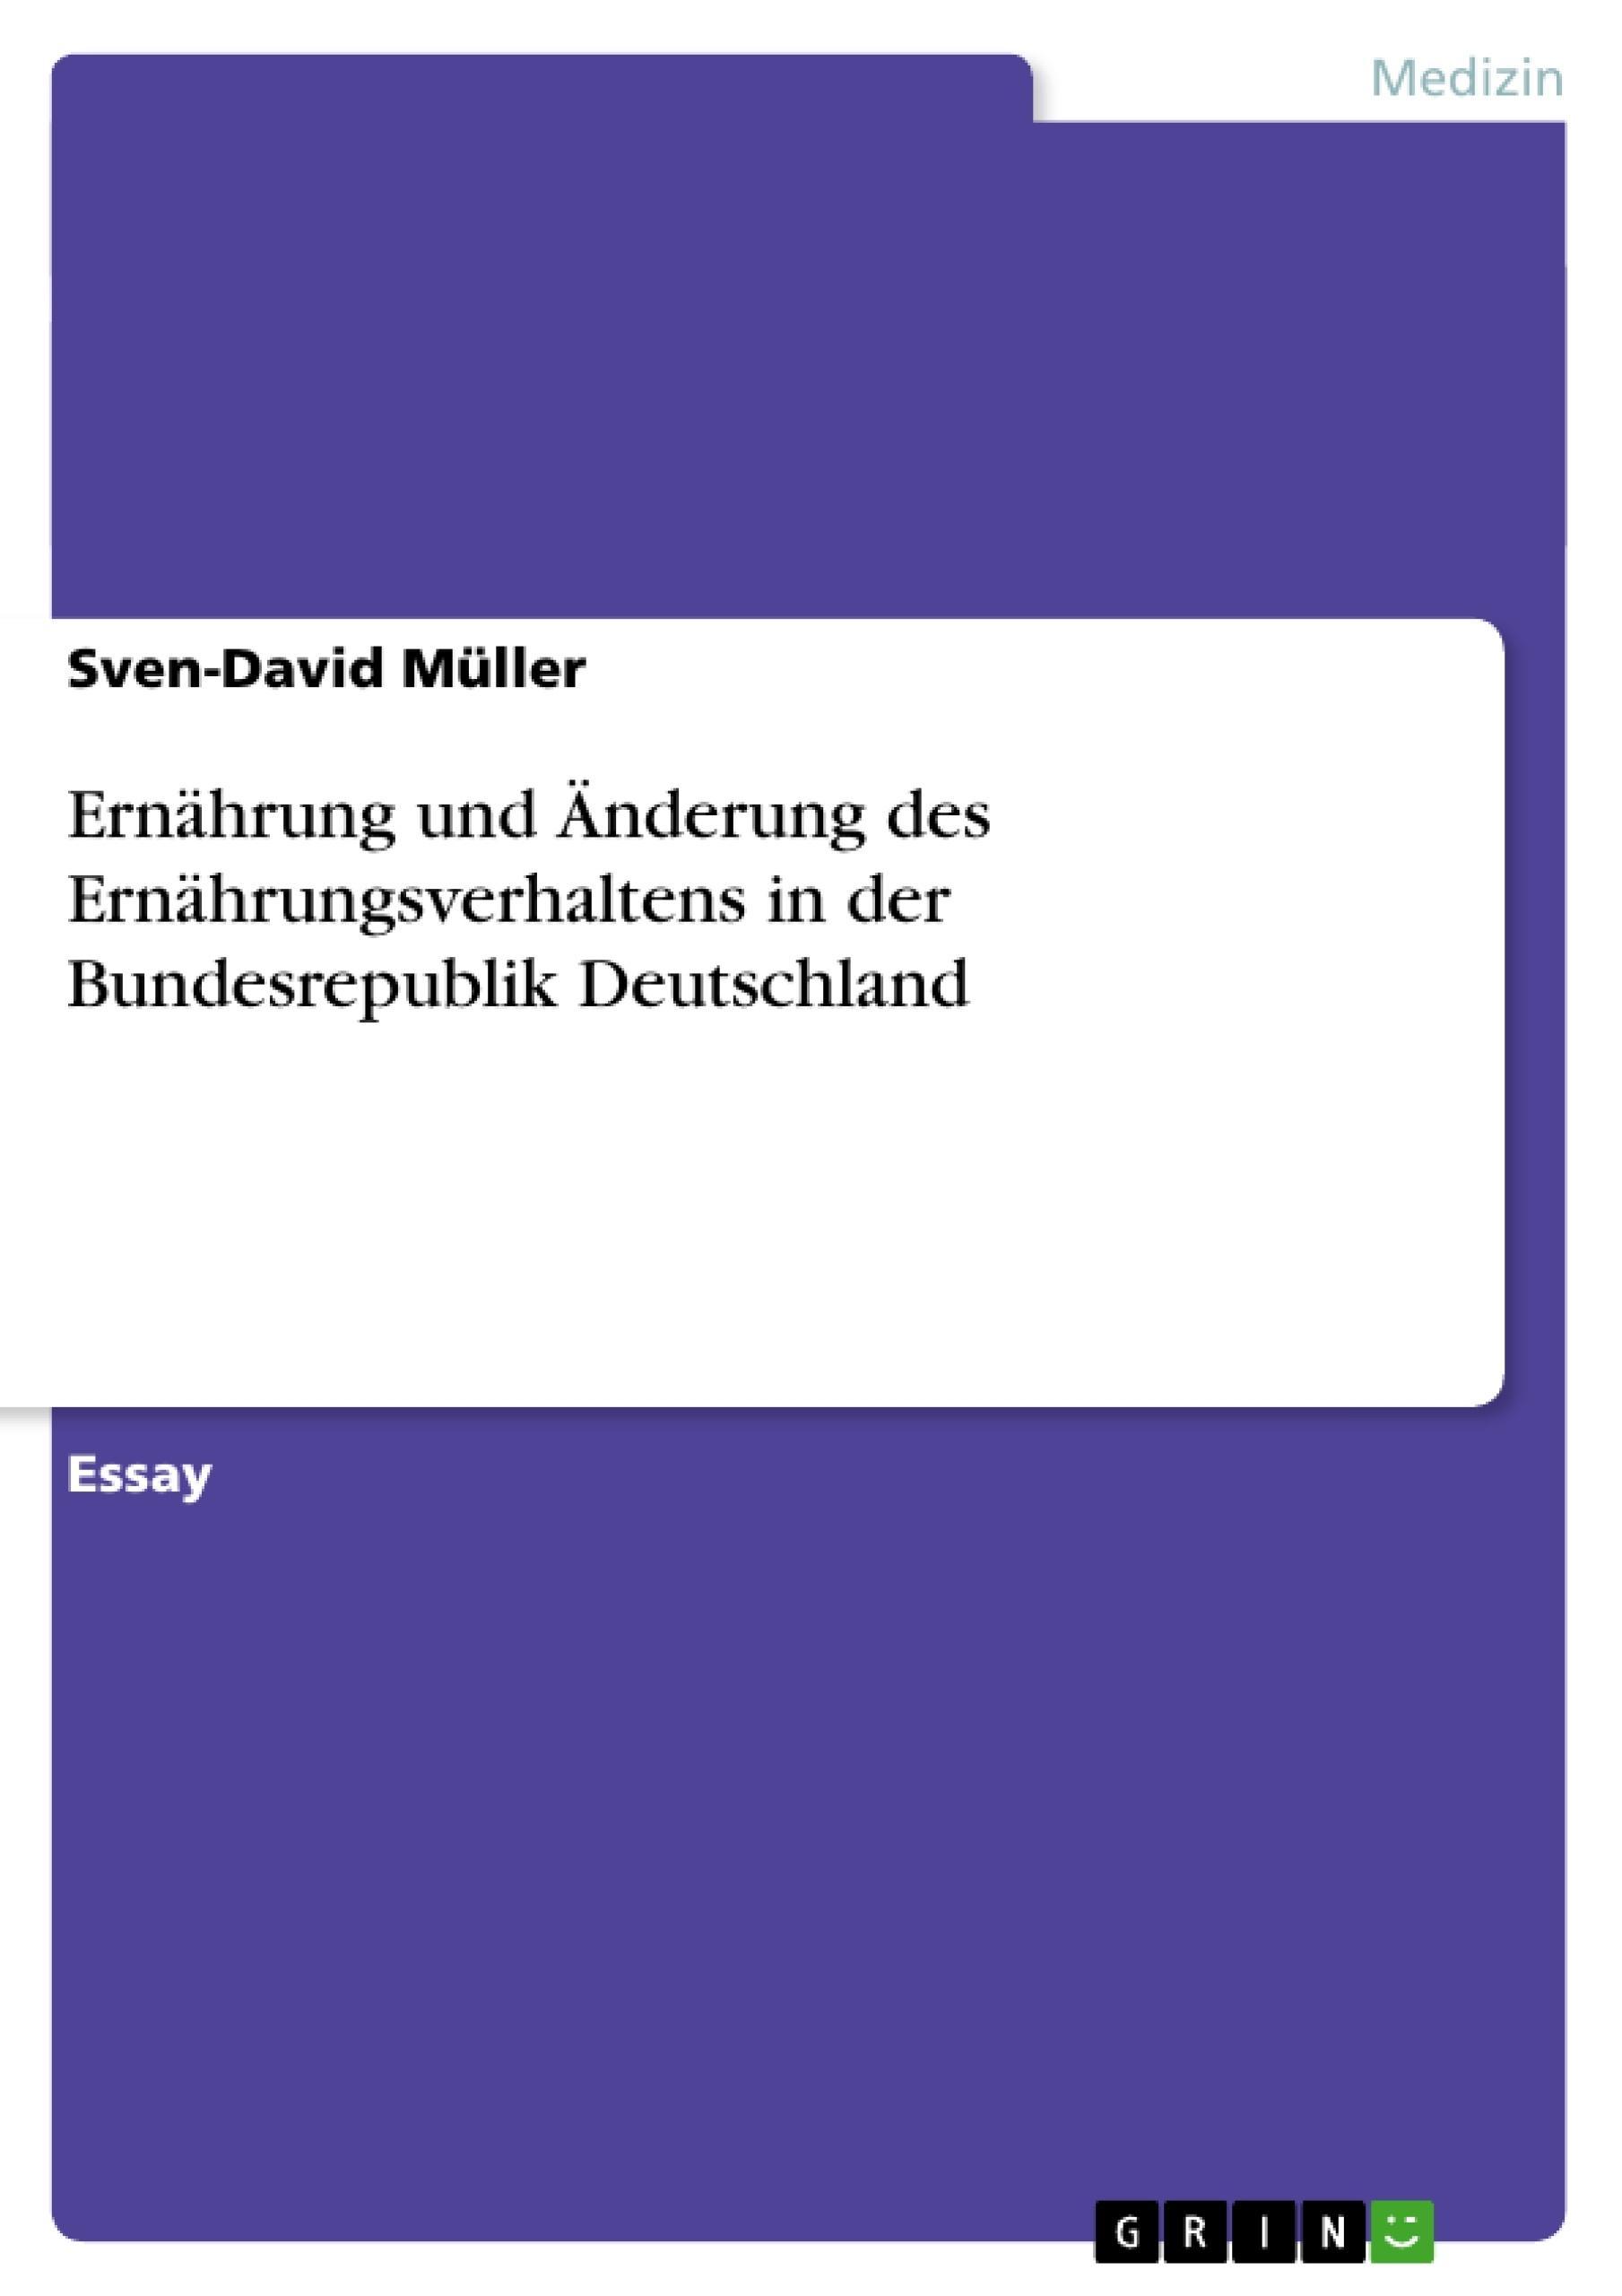 Titel: Ernährung und Änderung des Ernährungsverhaltens in der Bundesrepublik Deutschland